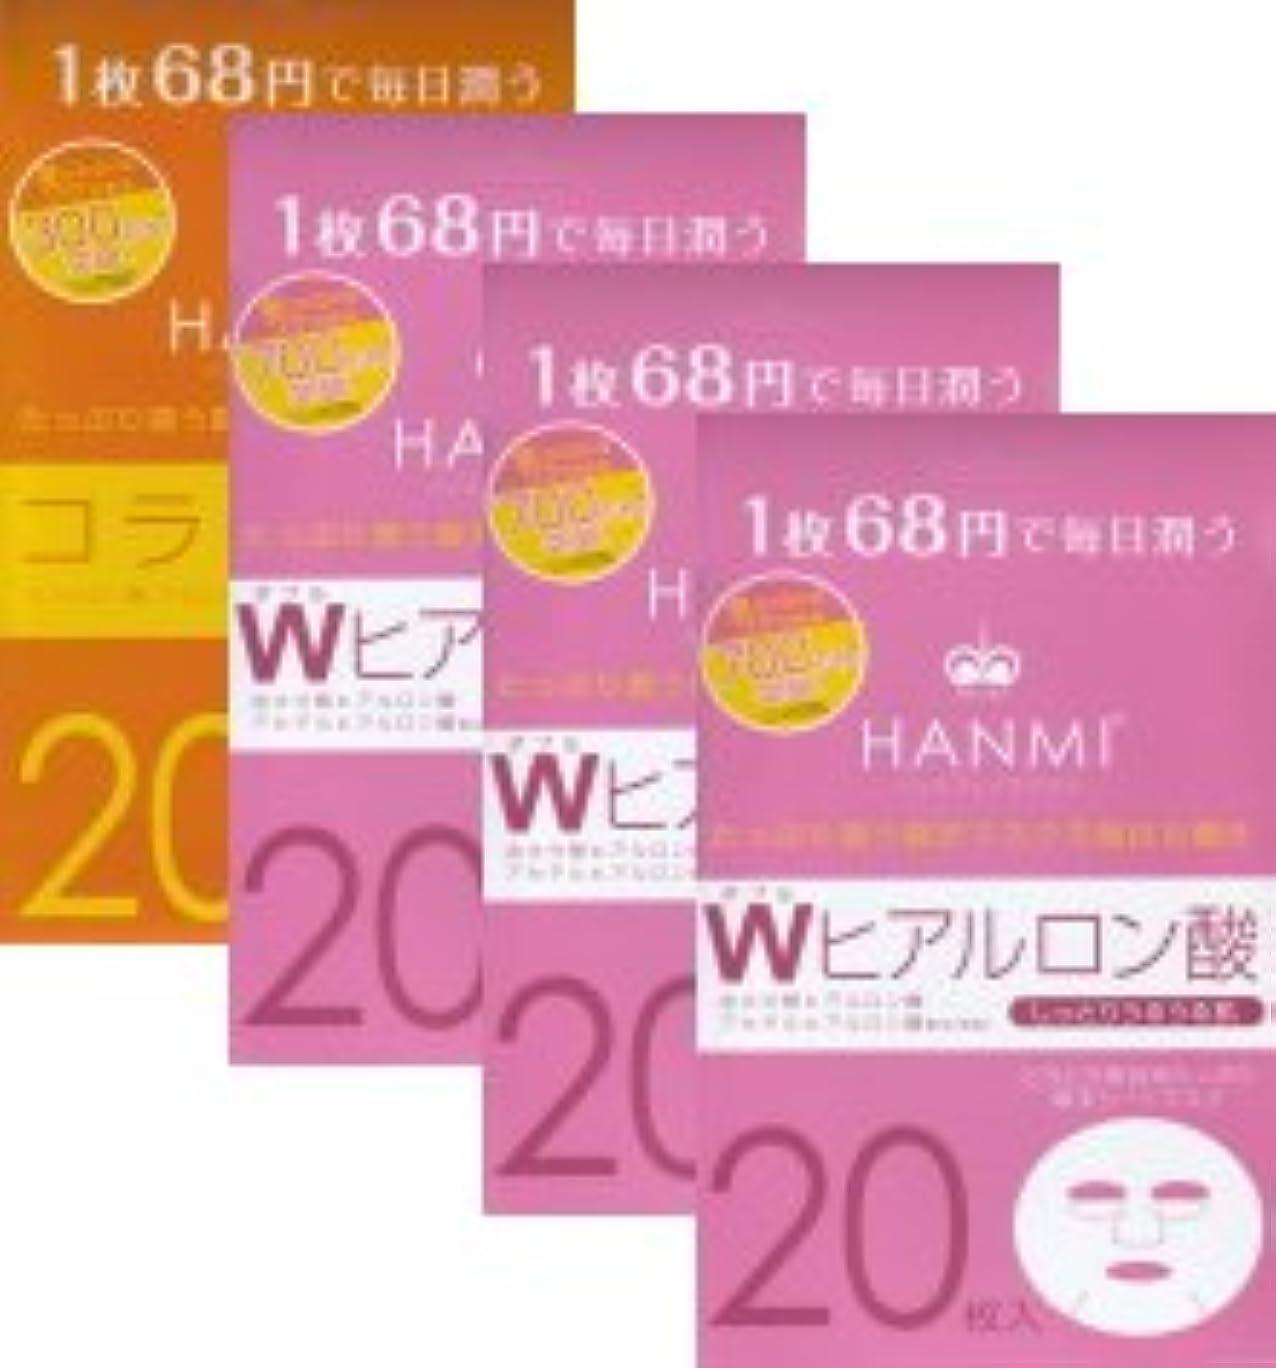 シニス同情的病気だと思うMIGAKI ハンミフェイスマスク(20枚入り)「コラーゲン×1個」「Wヒアルロン酸×3個」の4個セット